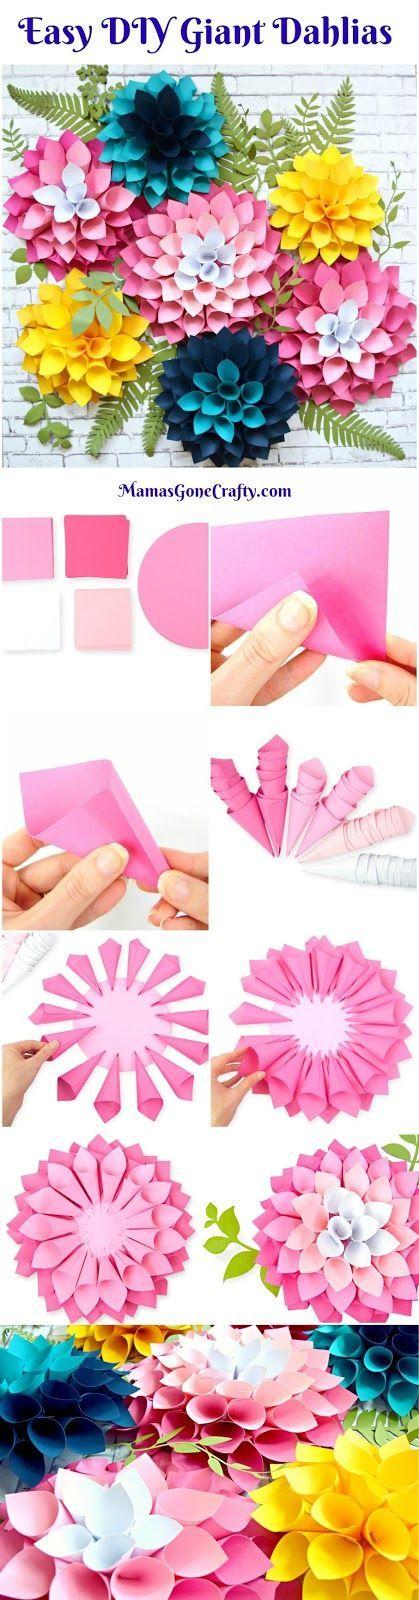 Dálias de papel. bem fácil!!